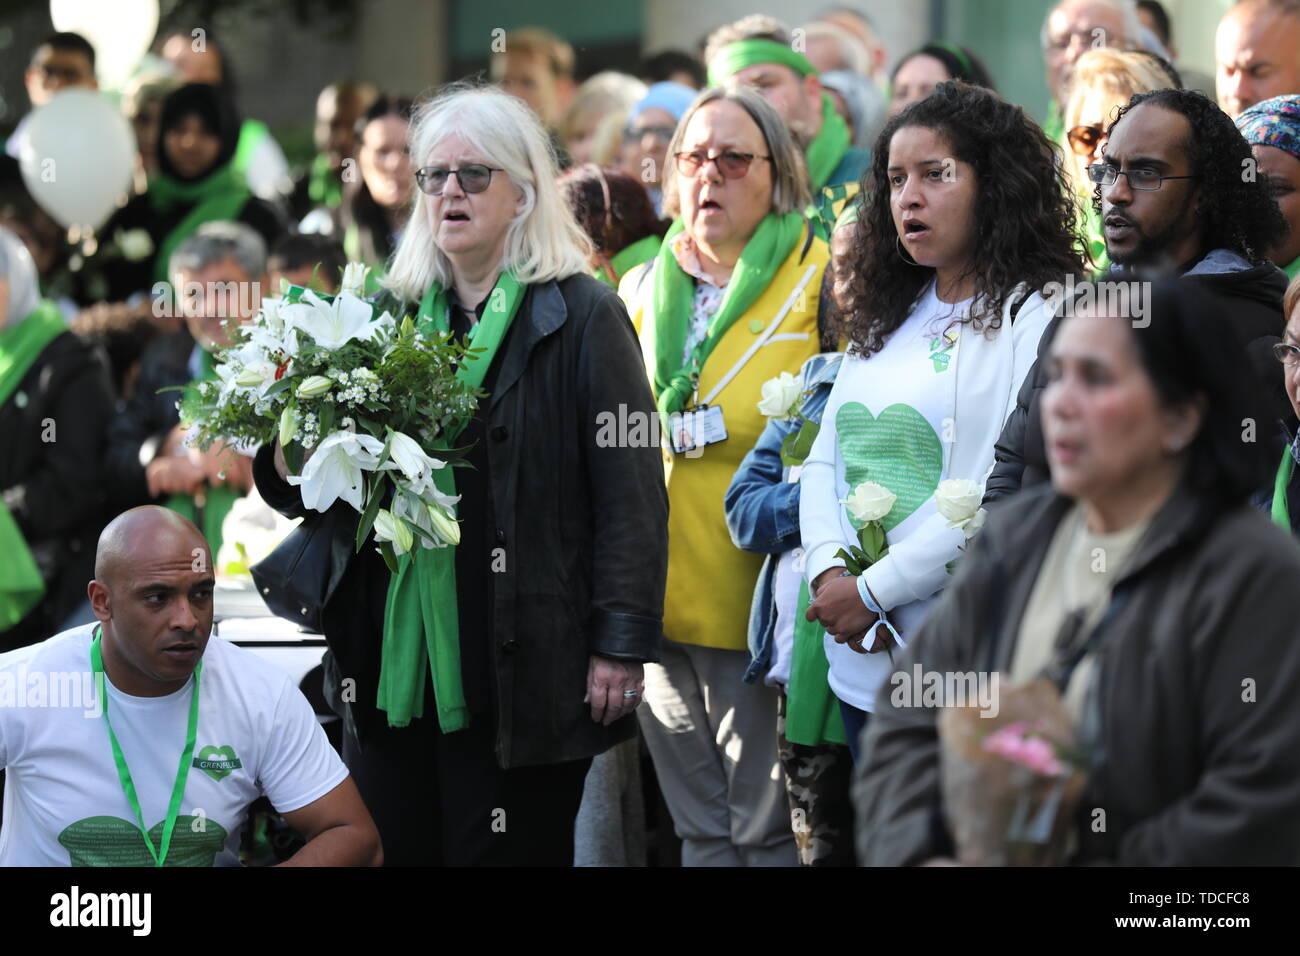 Familie und Freunde der 72 Menschen, die ihr Leben in der Grenfell Hochhaus verloren zu einem Chor Begleitung vor einer Kranzniederlegung Zeremonie ausserhalb Grenfell Tower, London, anlässlich des 2-jährigen Jubiläum singen. Stockbild